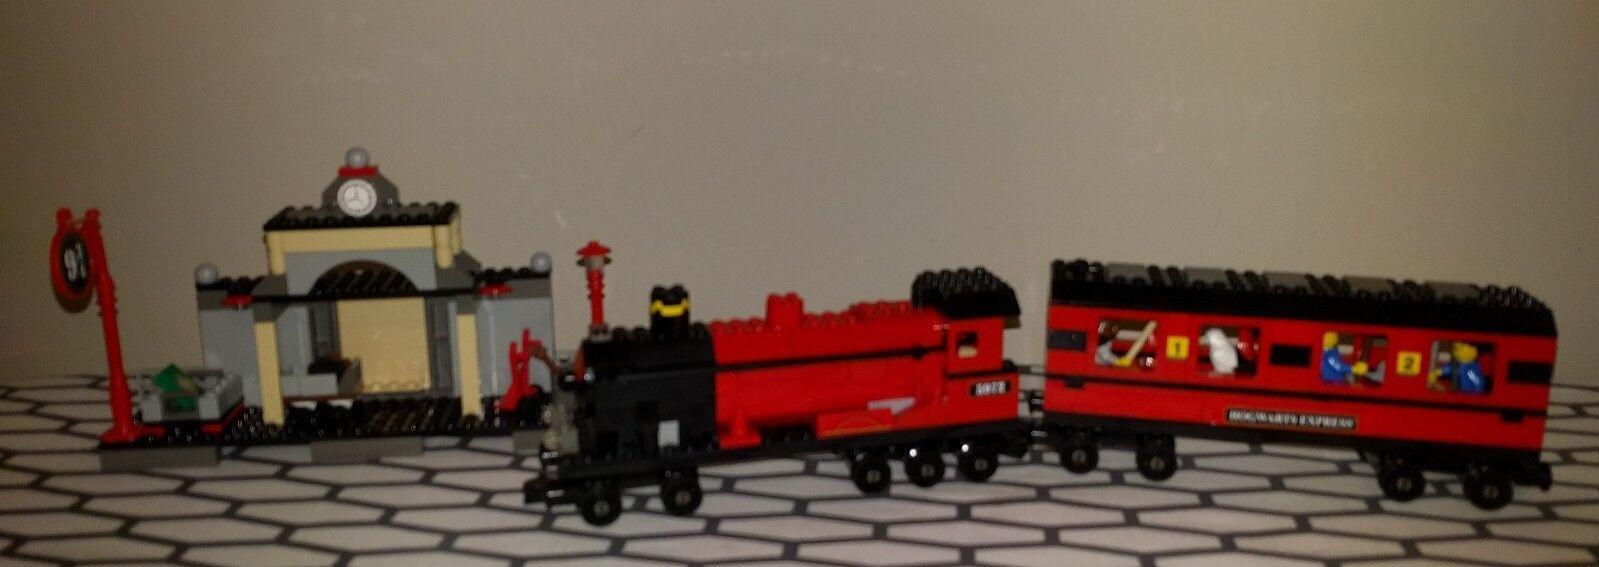 LEGO Harry Potter  Hogwarts Express  (4708) Pre owned  economico e di alta qualità